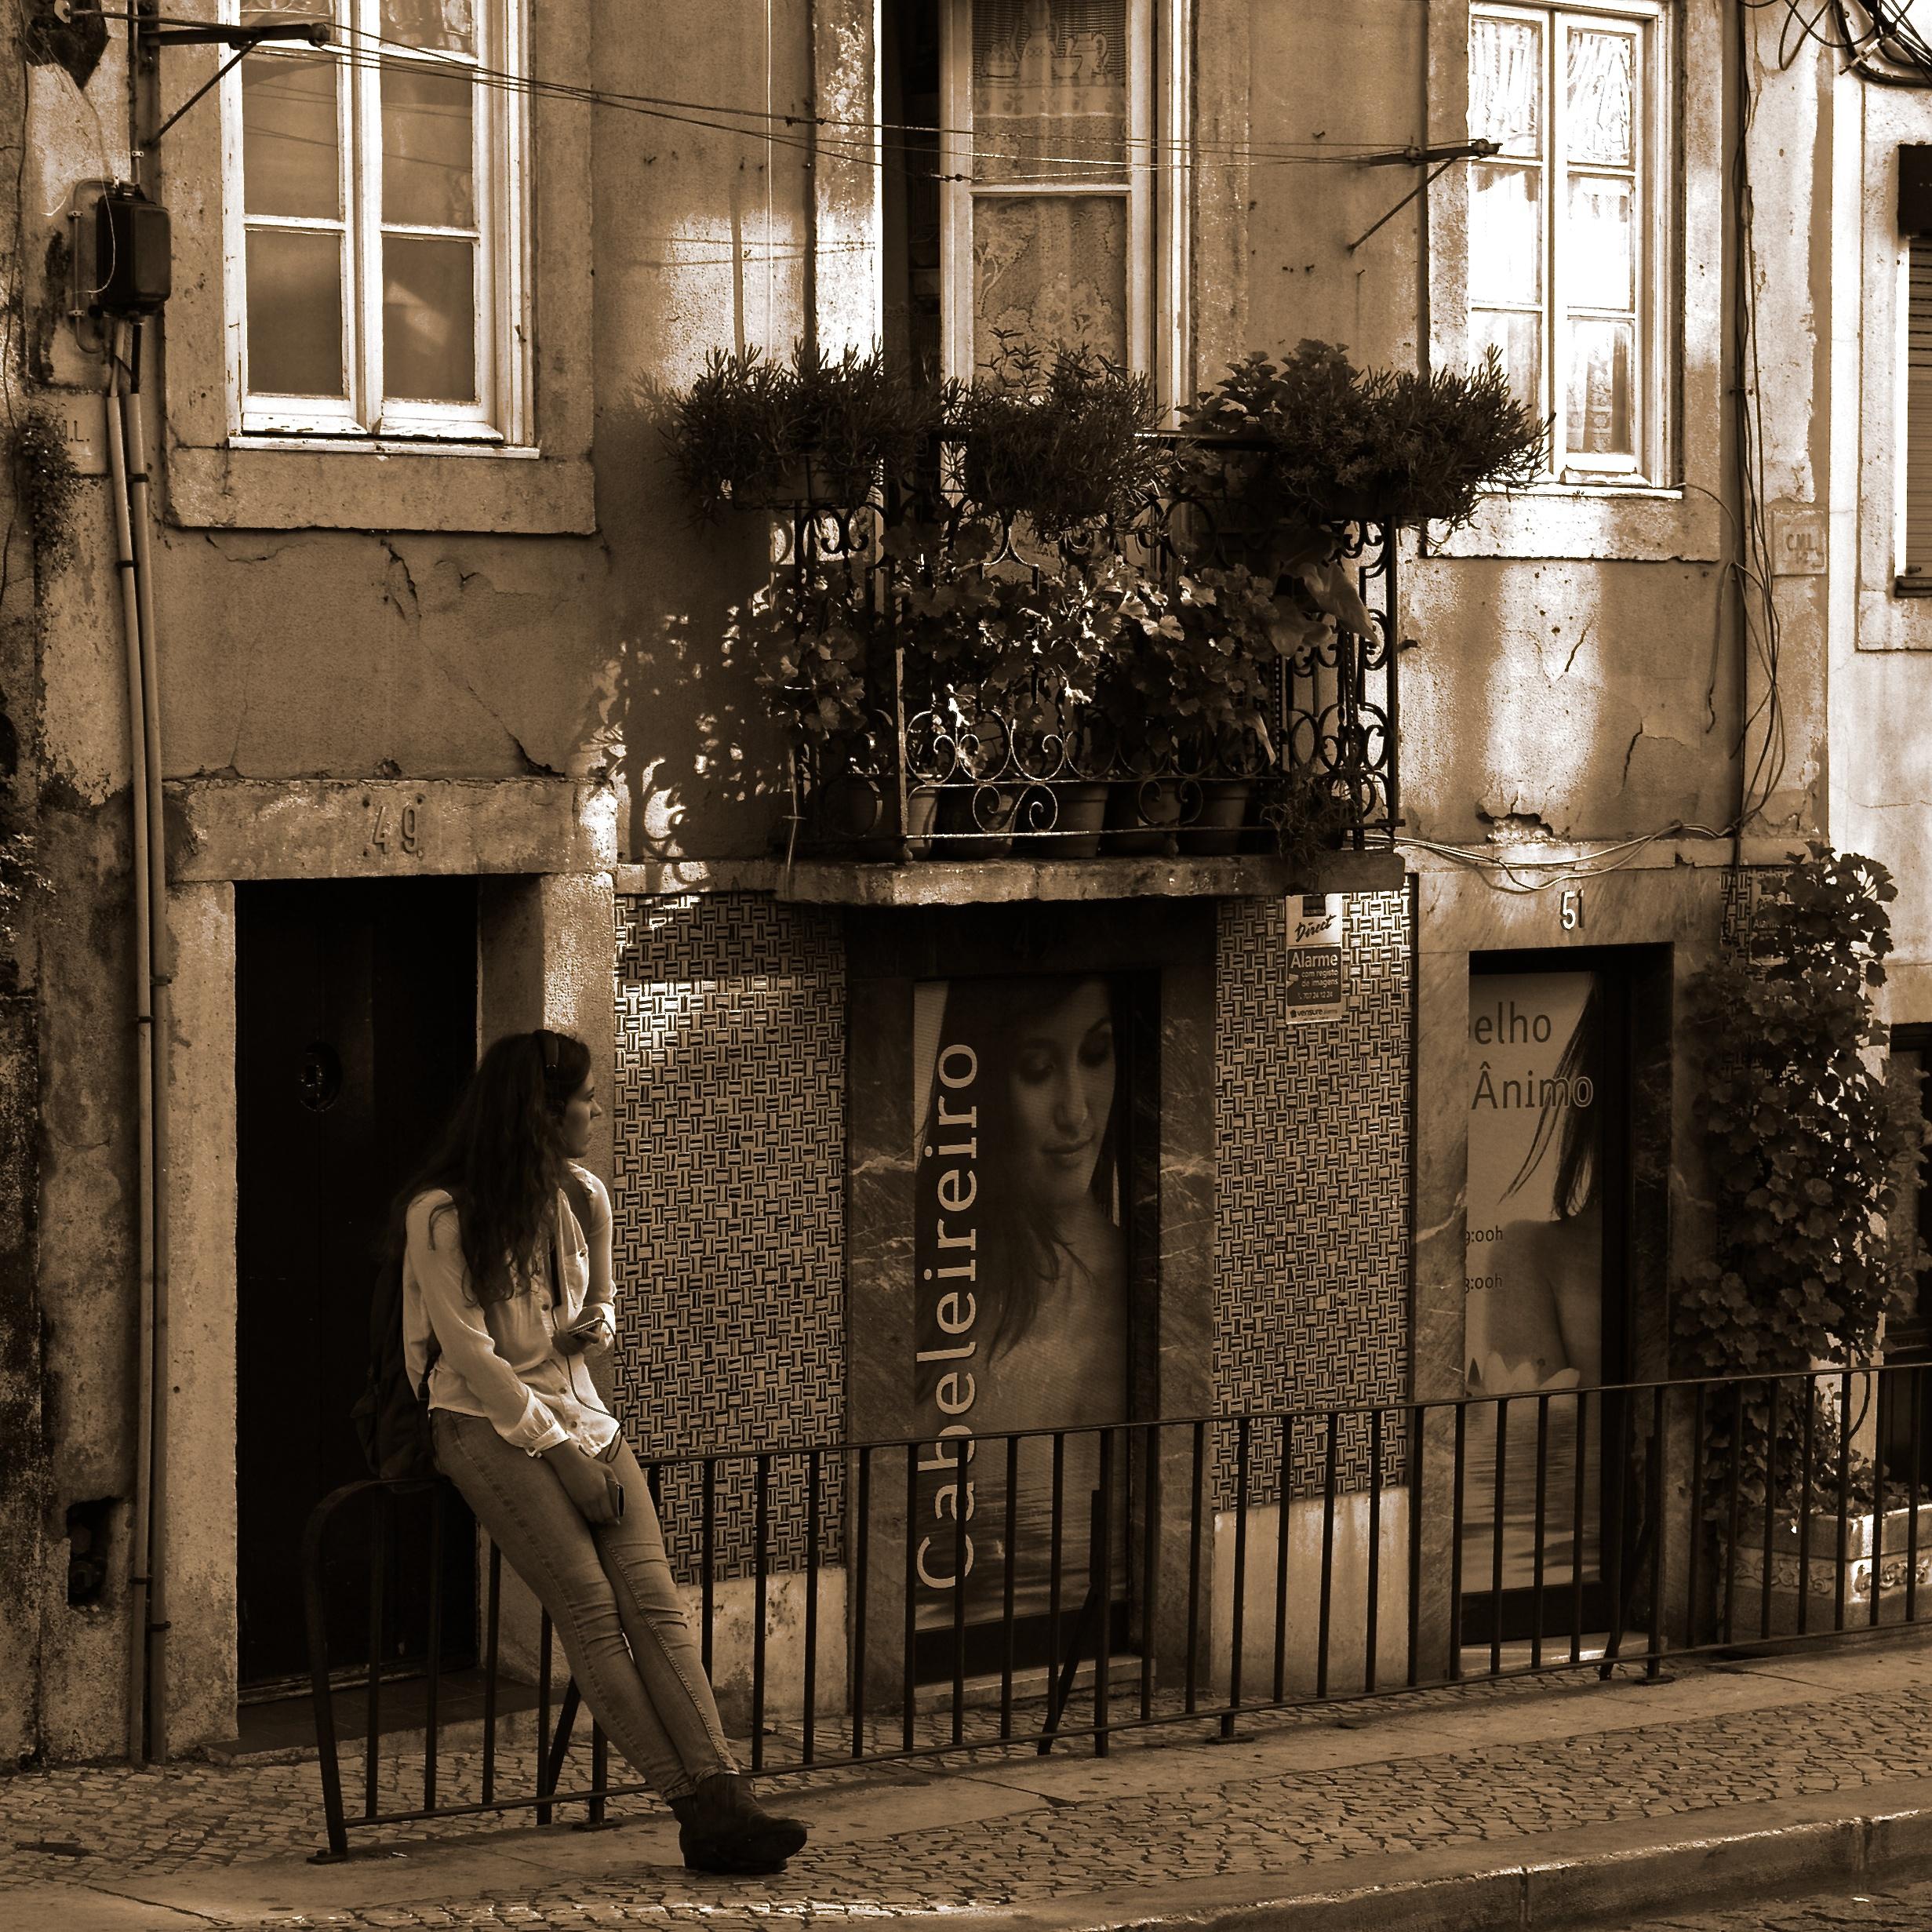 #281E14 Waiting Av.das Janelas Verdes Lisbon Portugal By: pedrosimoes7  702 Janelas Verdes Lisbon